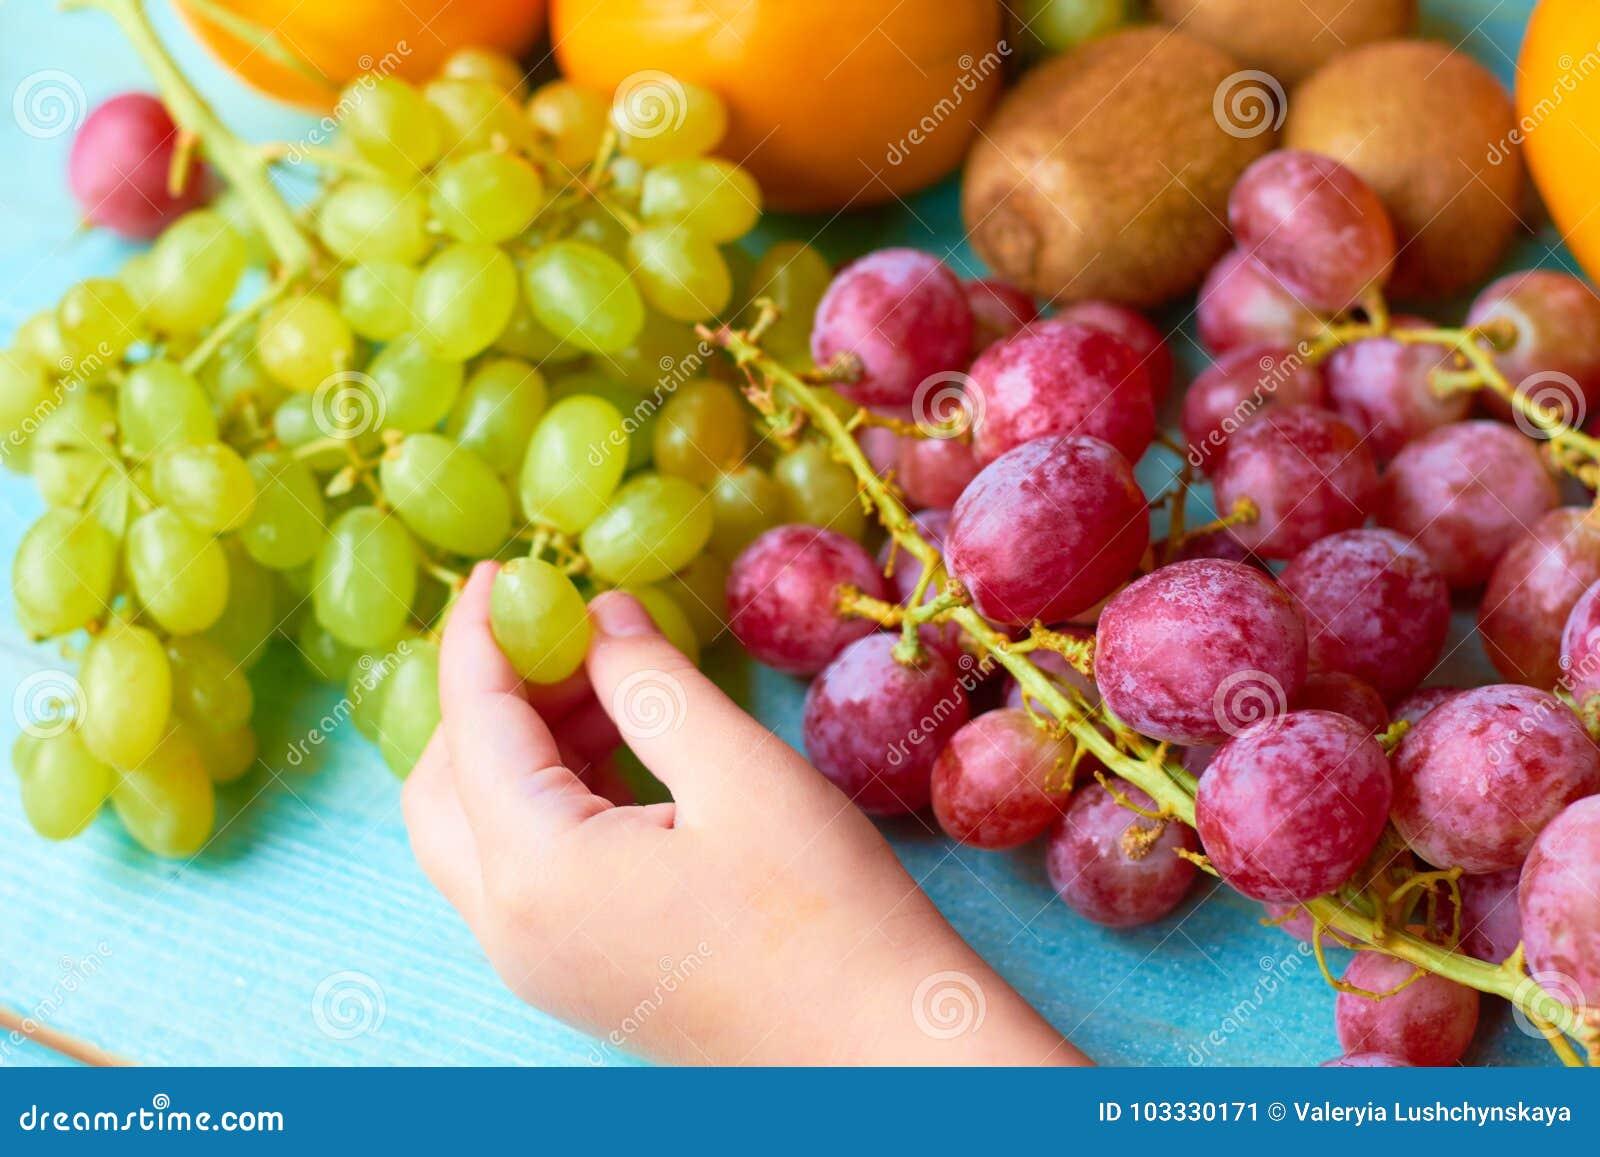 Dziecko bierze owoc Pojęcie zdrowa dieta